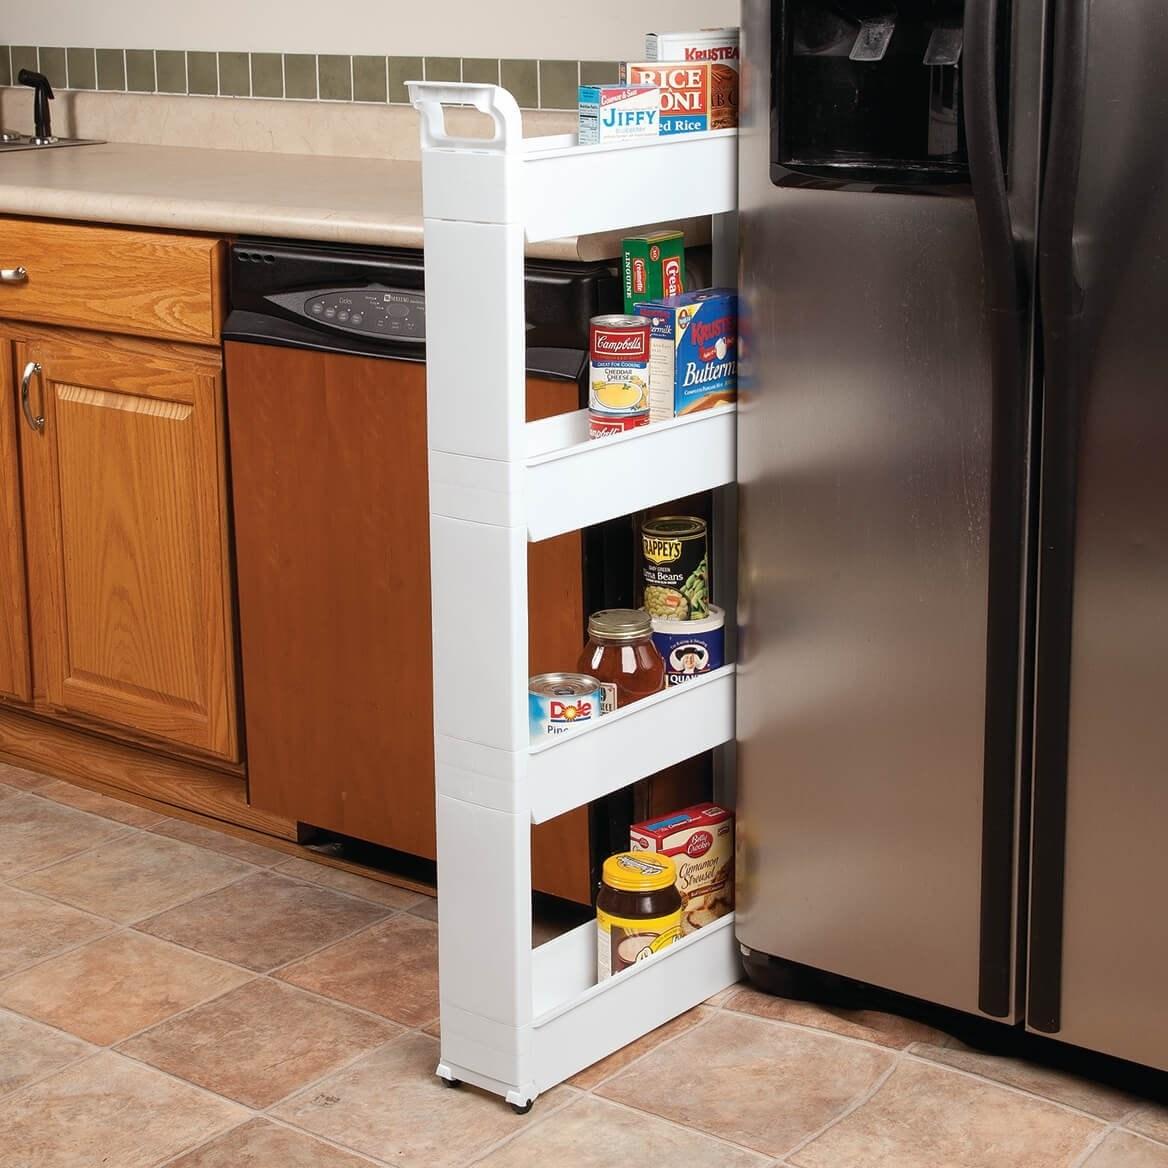 a thin shelf with four shelves